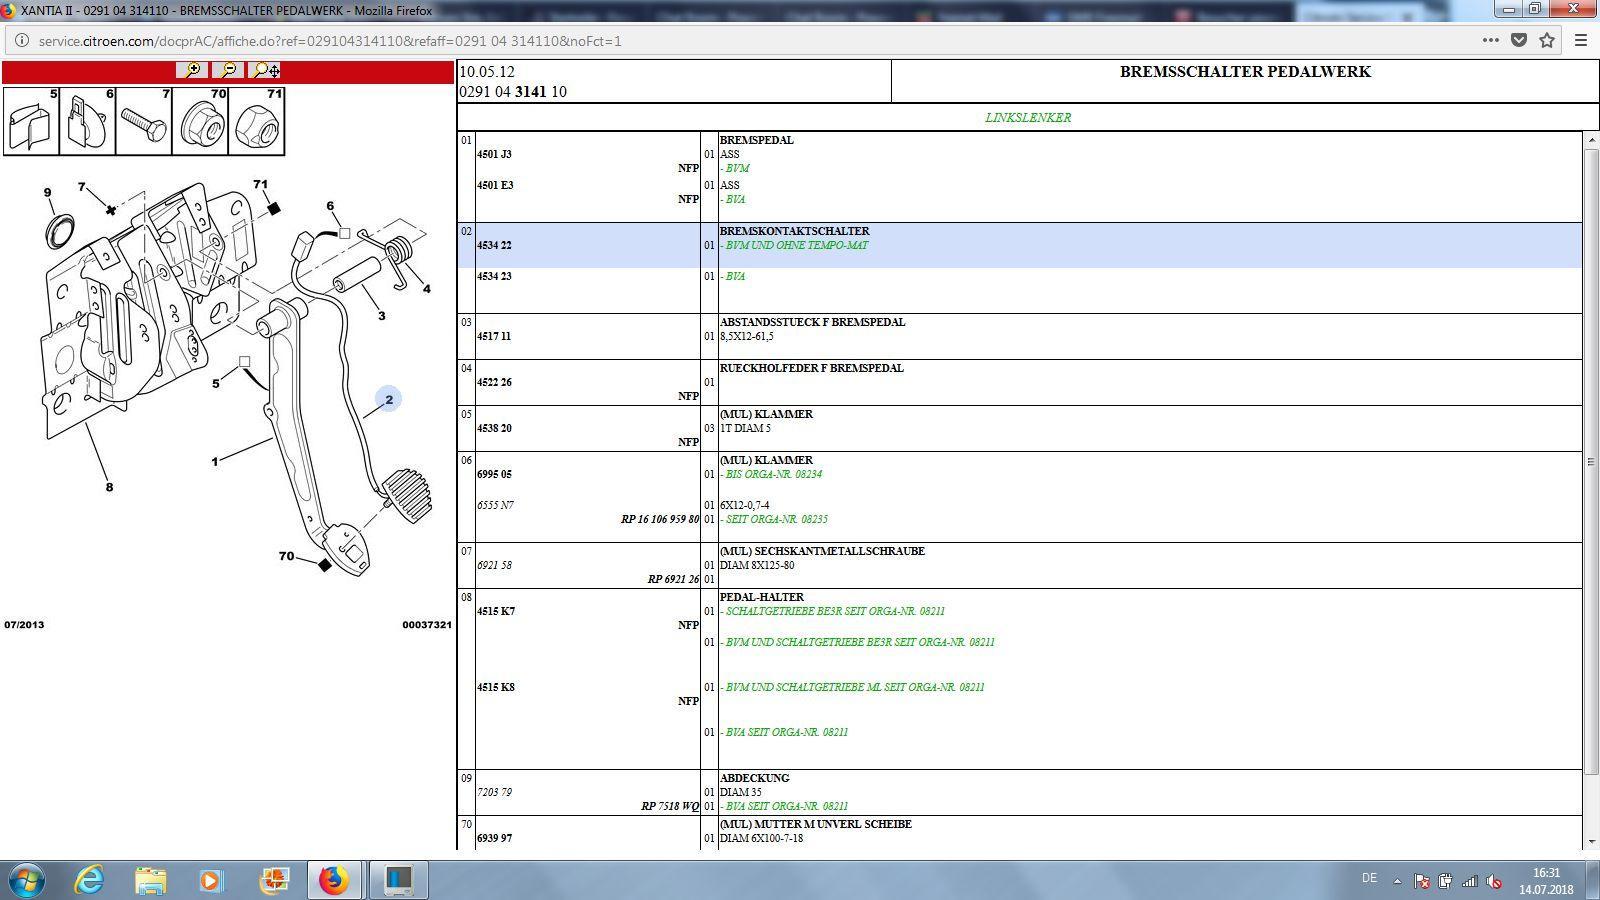 Bremsschalter Xantia.jpg